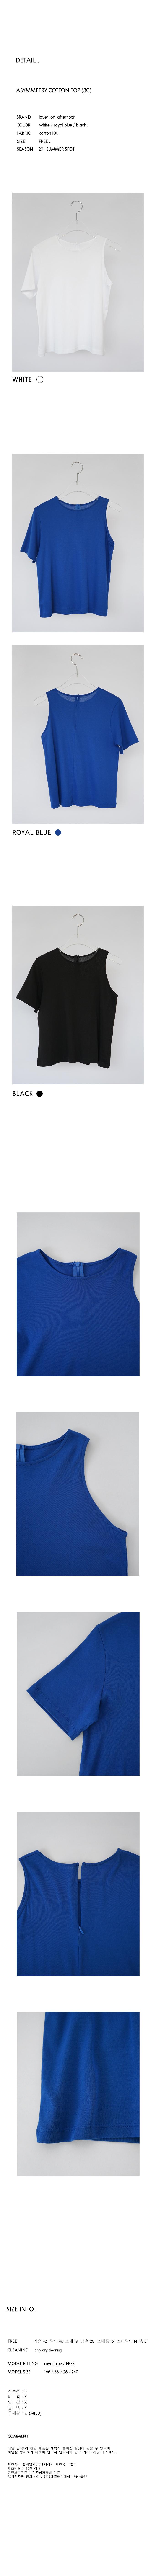 asymmetry cotton top